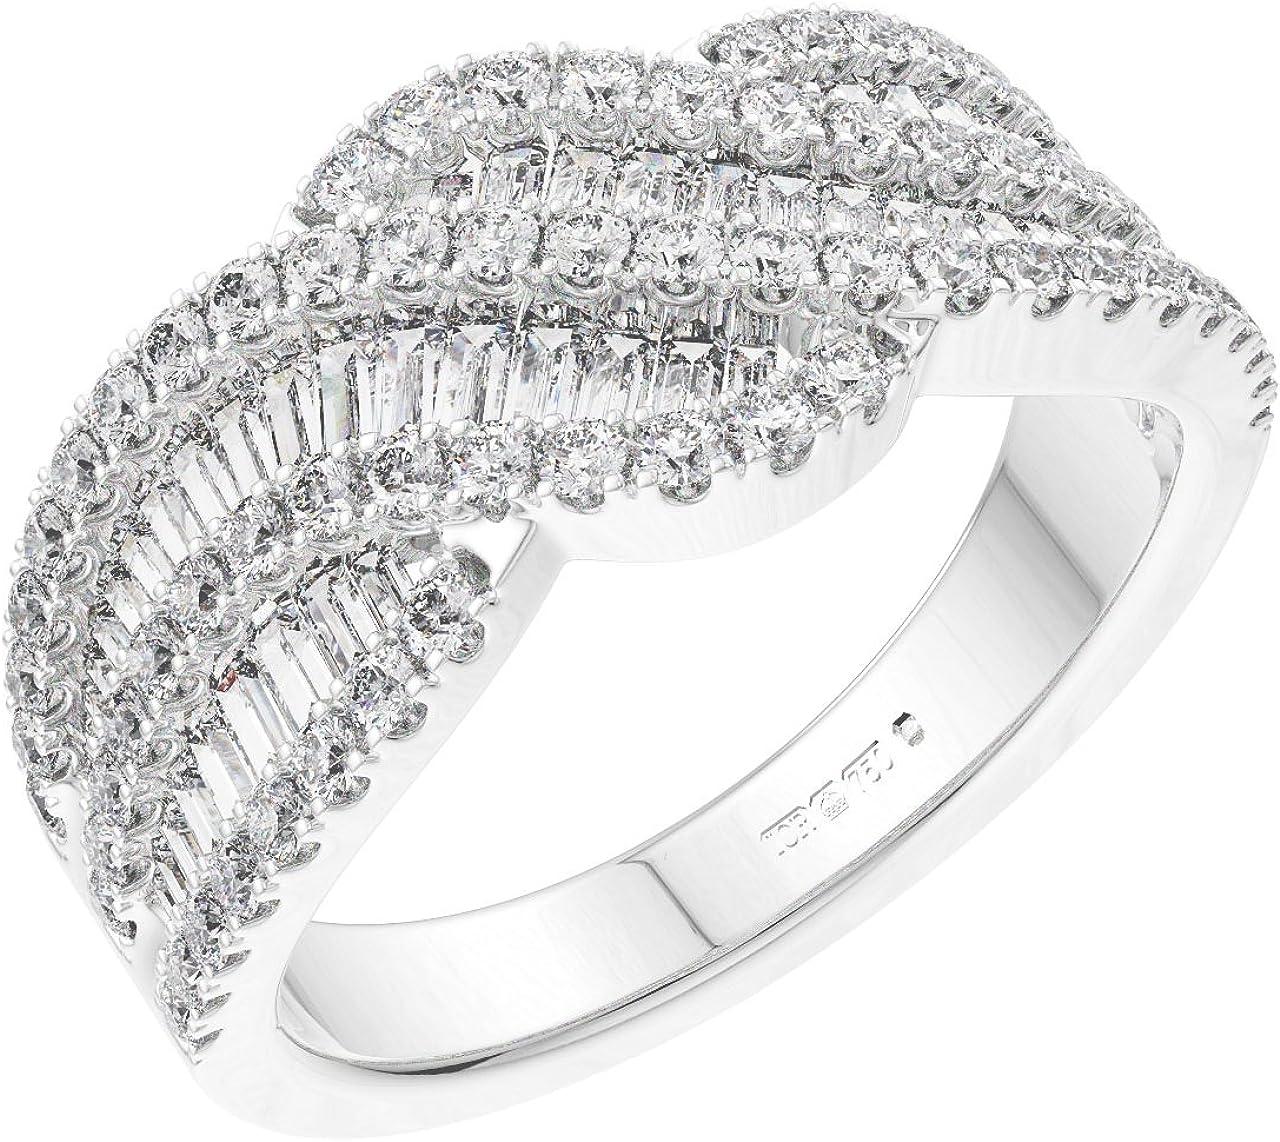 Anillo de vestido con diamantes de talla brillante y redondo de 1,51 quilates en oro blanco